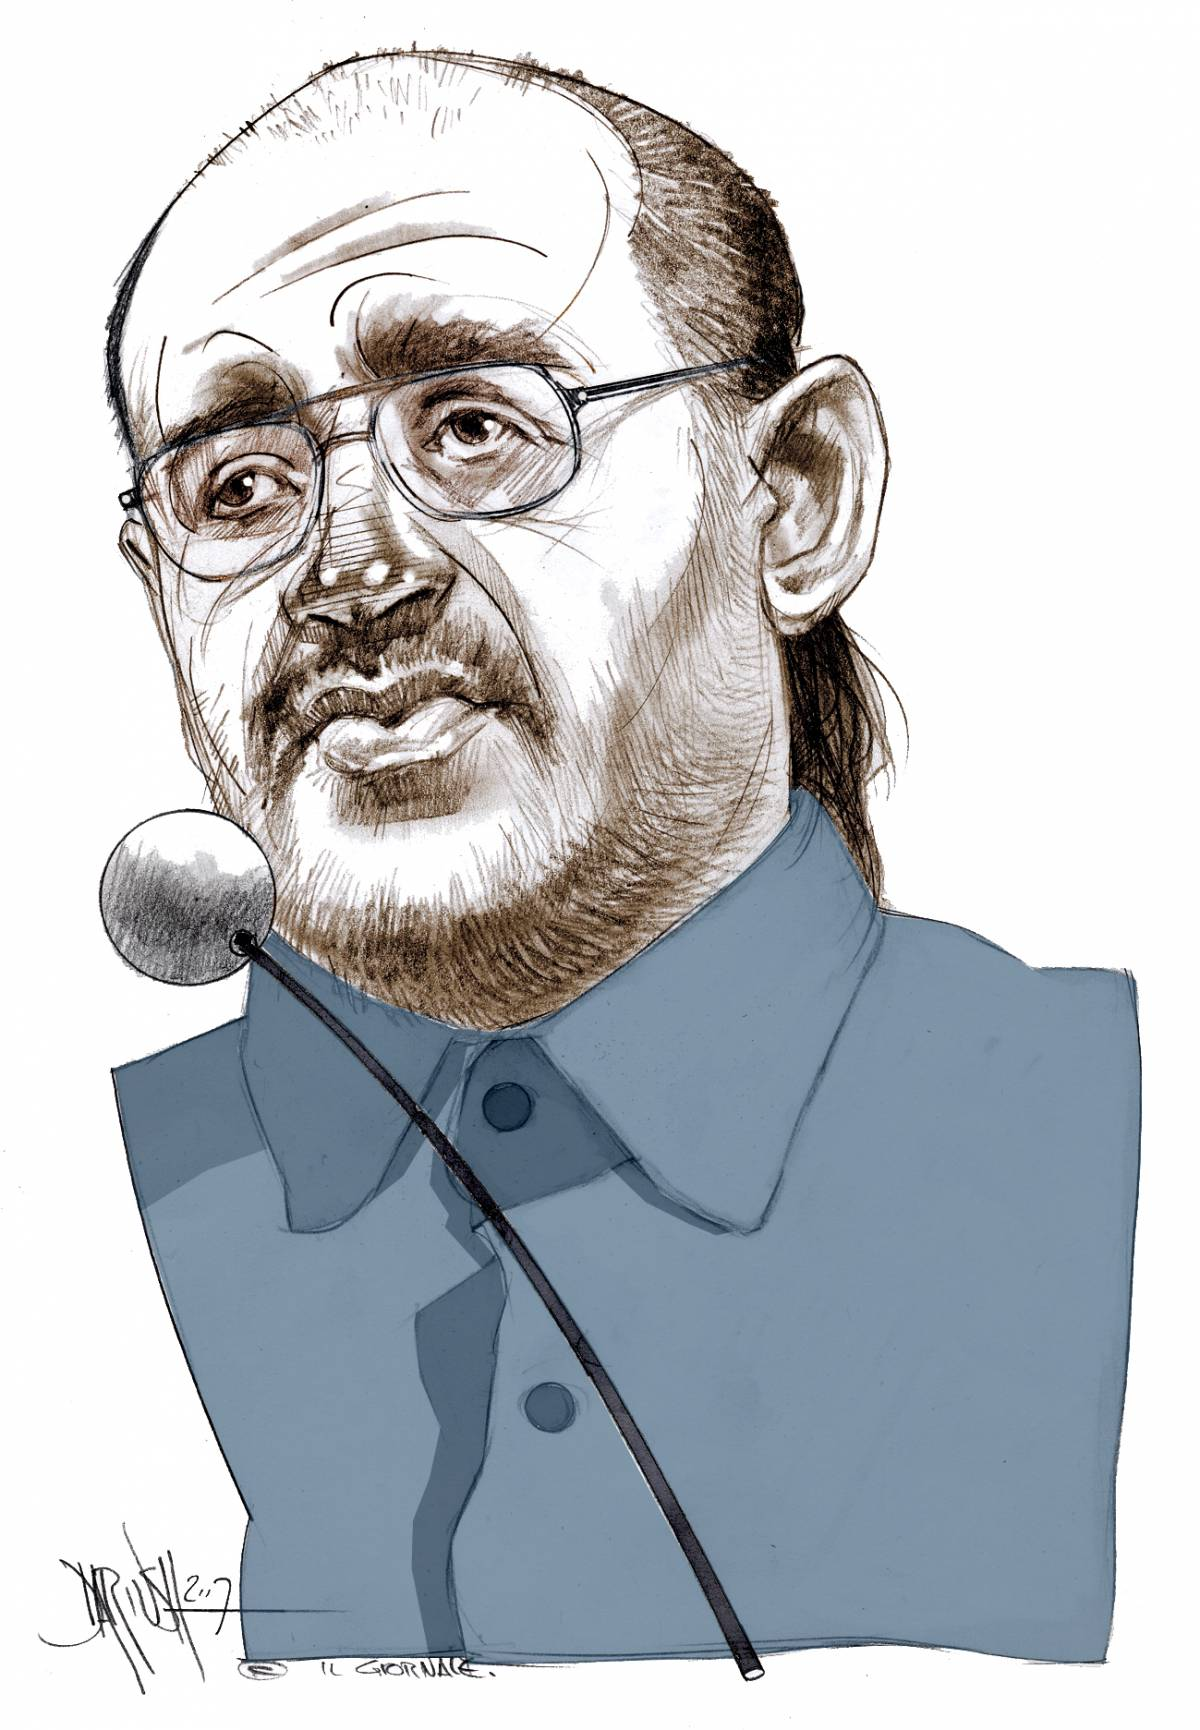 Farina, l'uomo che si faceva giustizia  con le molotov